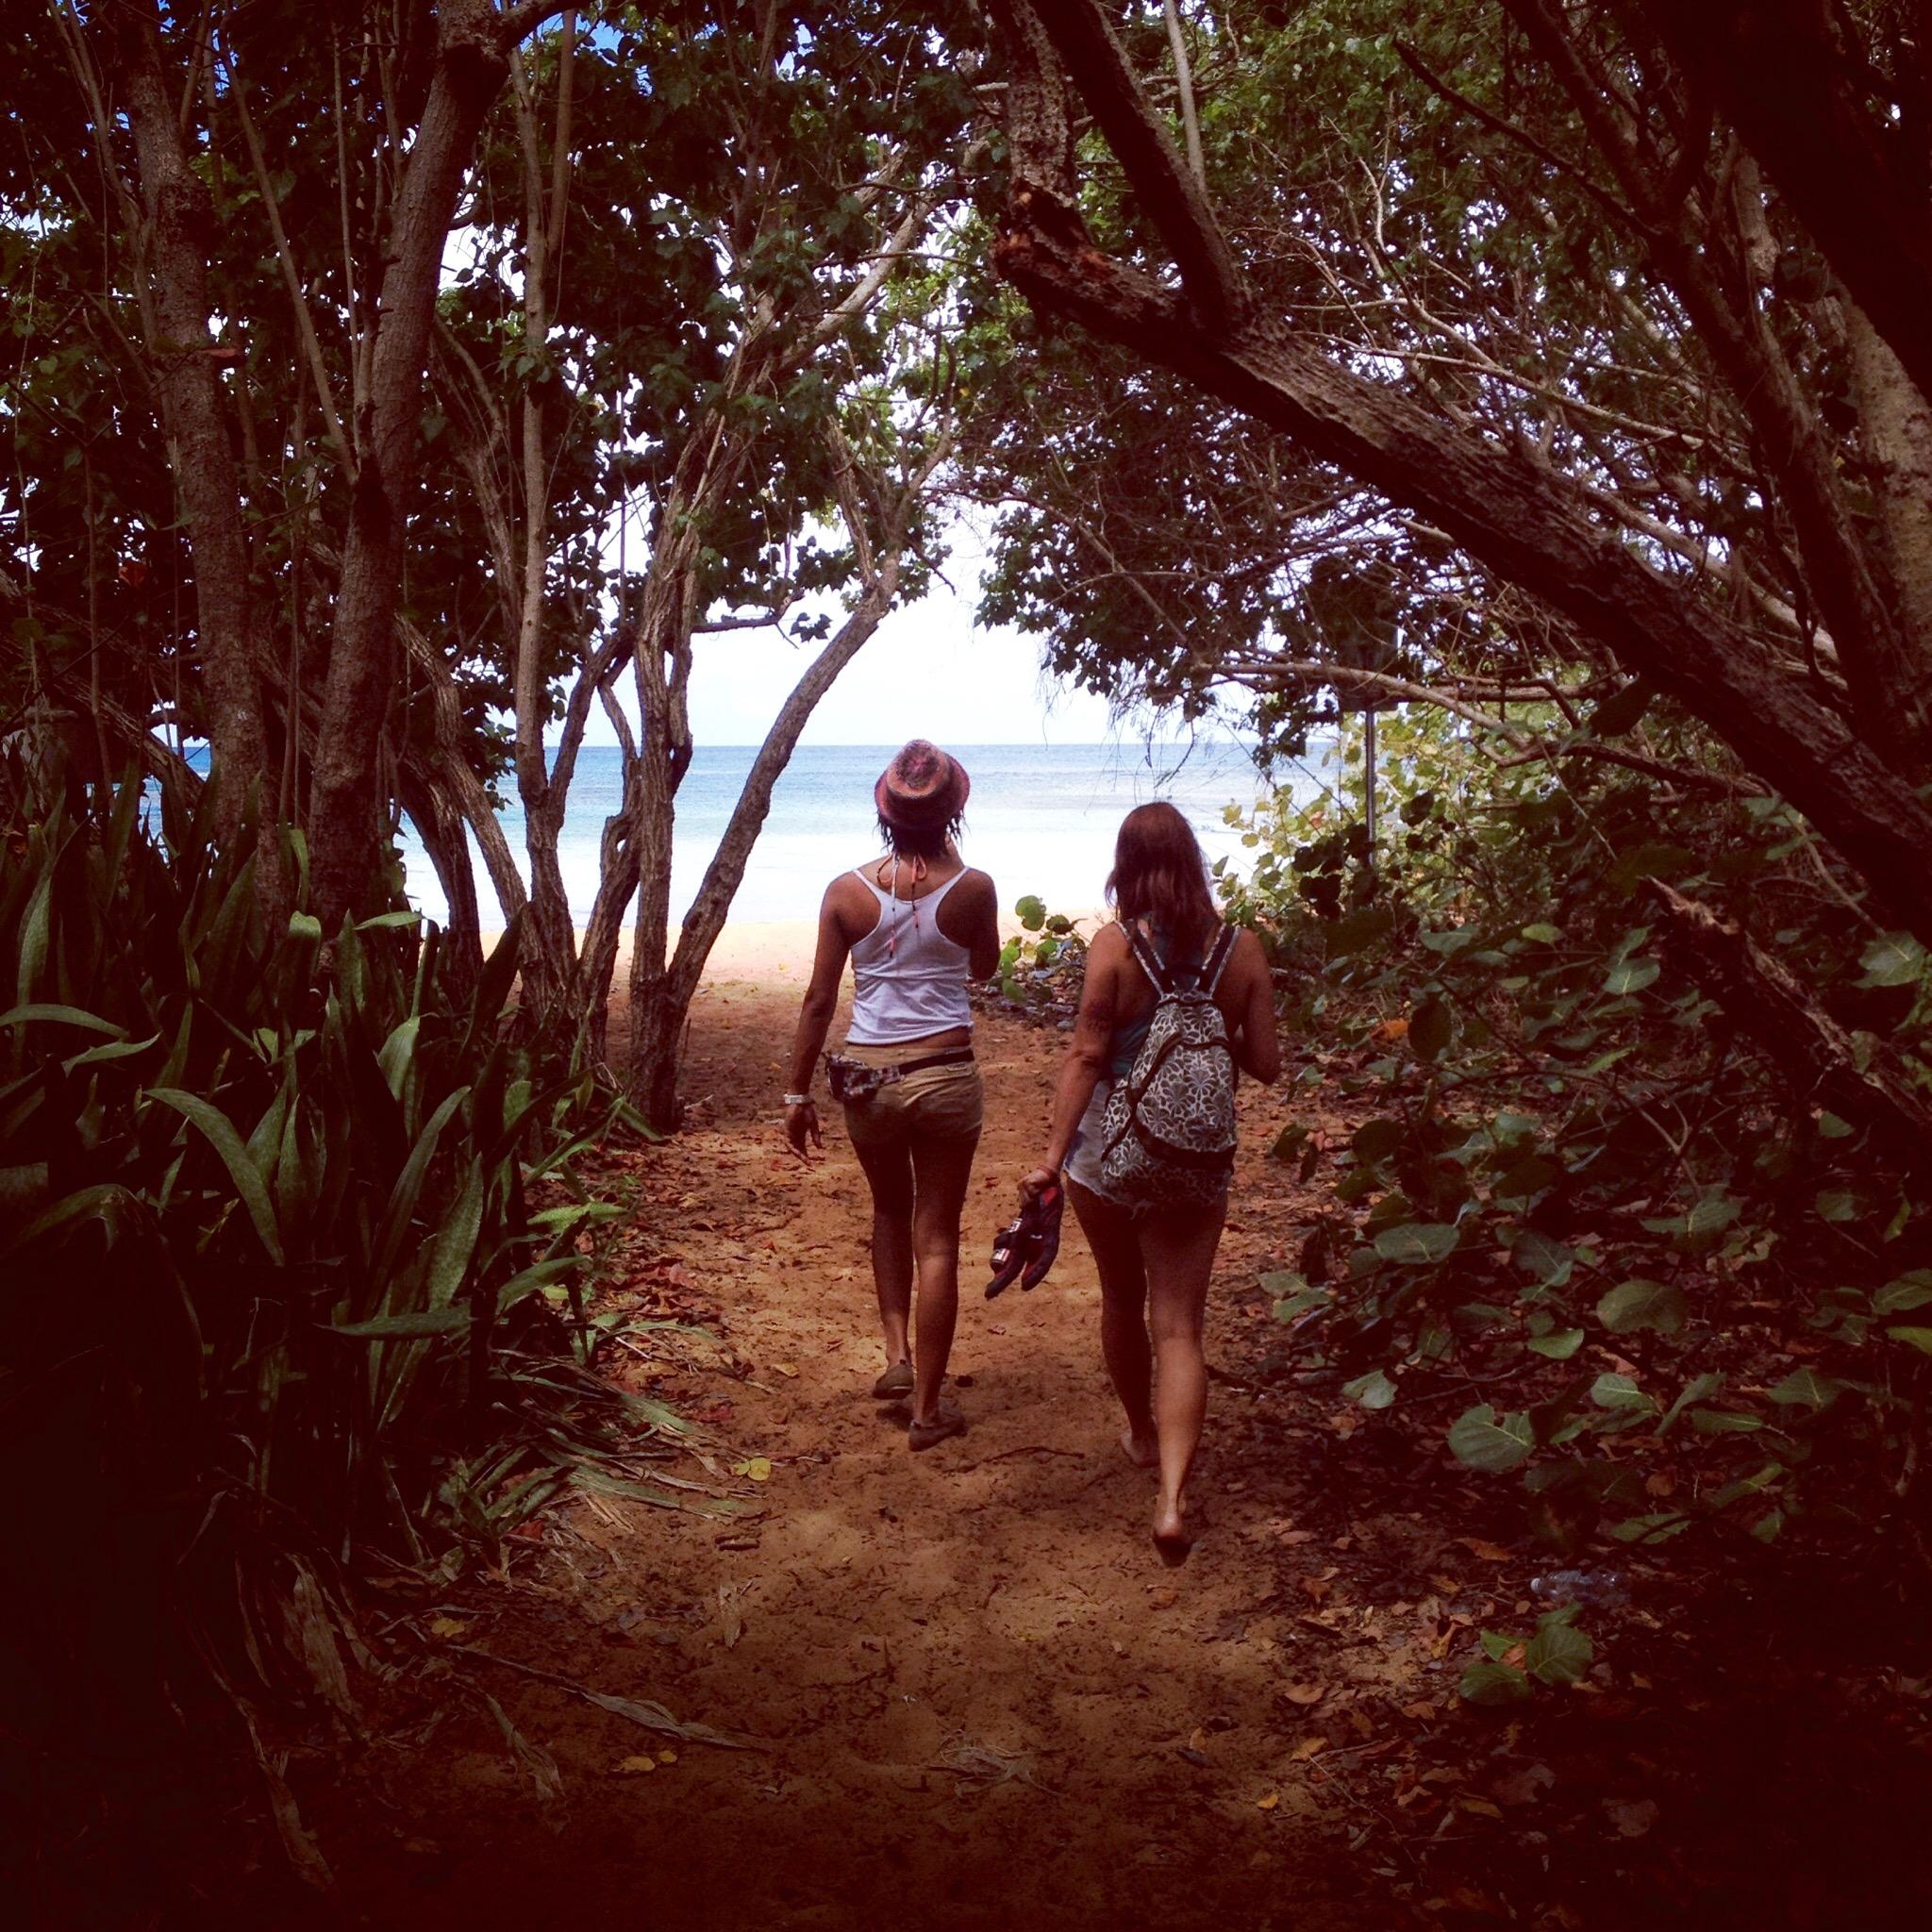 Playa Escondida - Puerto Rico